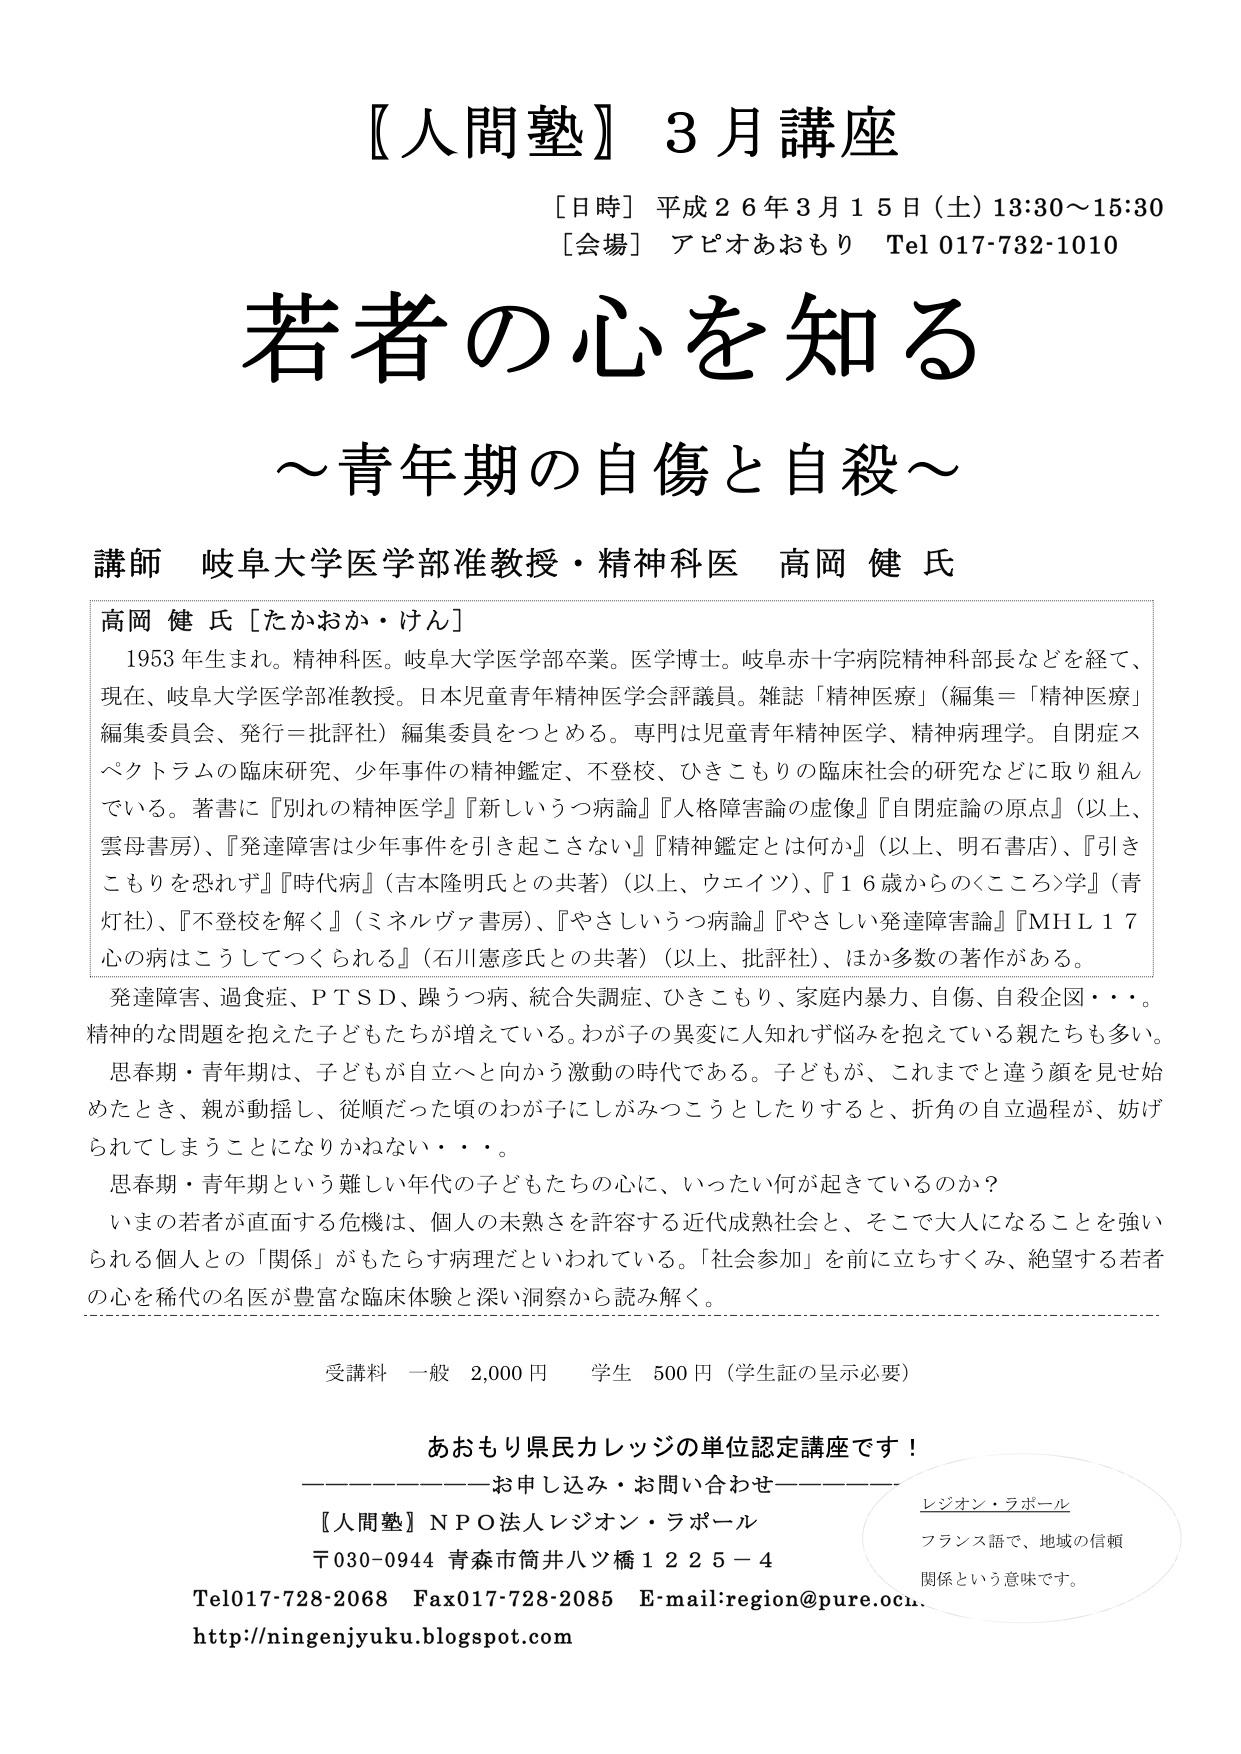 人間塾3月講座「若者の心を知る」 _a0103650_19585824.jpg